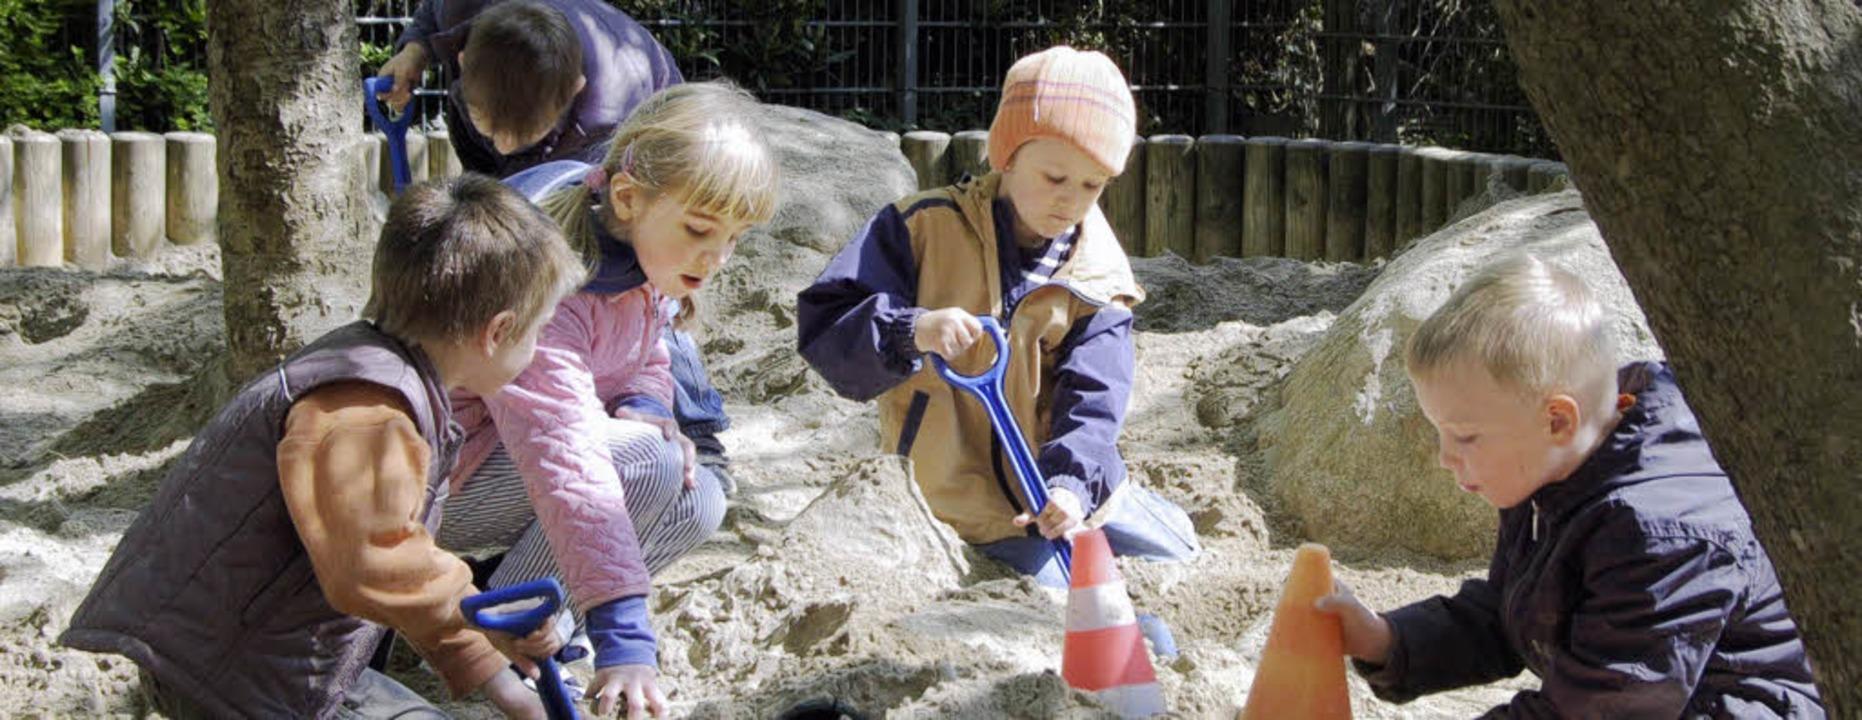 Während die Kleinen sorglos spielen, a...t den freien und kirchlichen Trägern.   | Foto: Fillisch